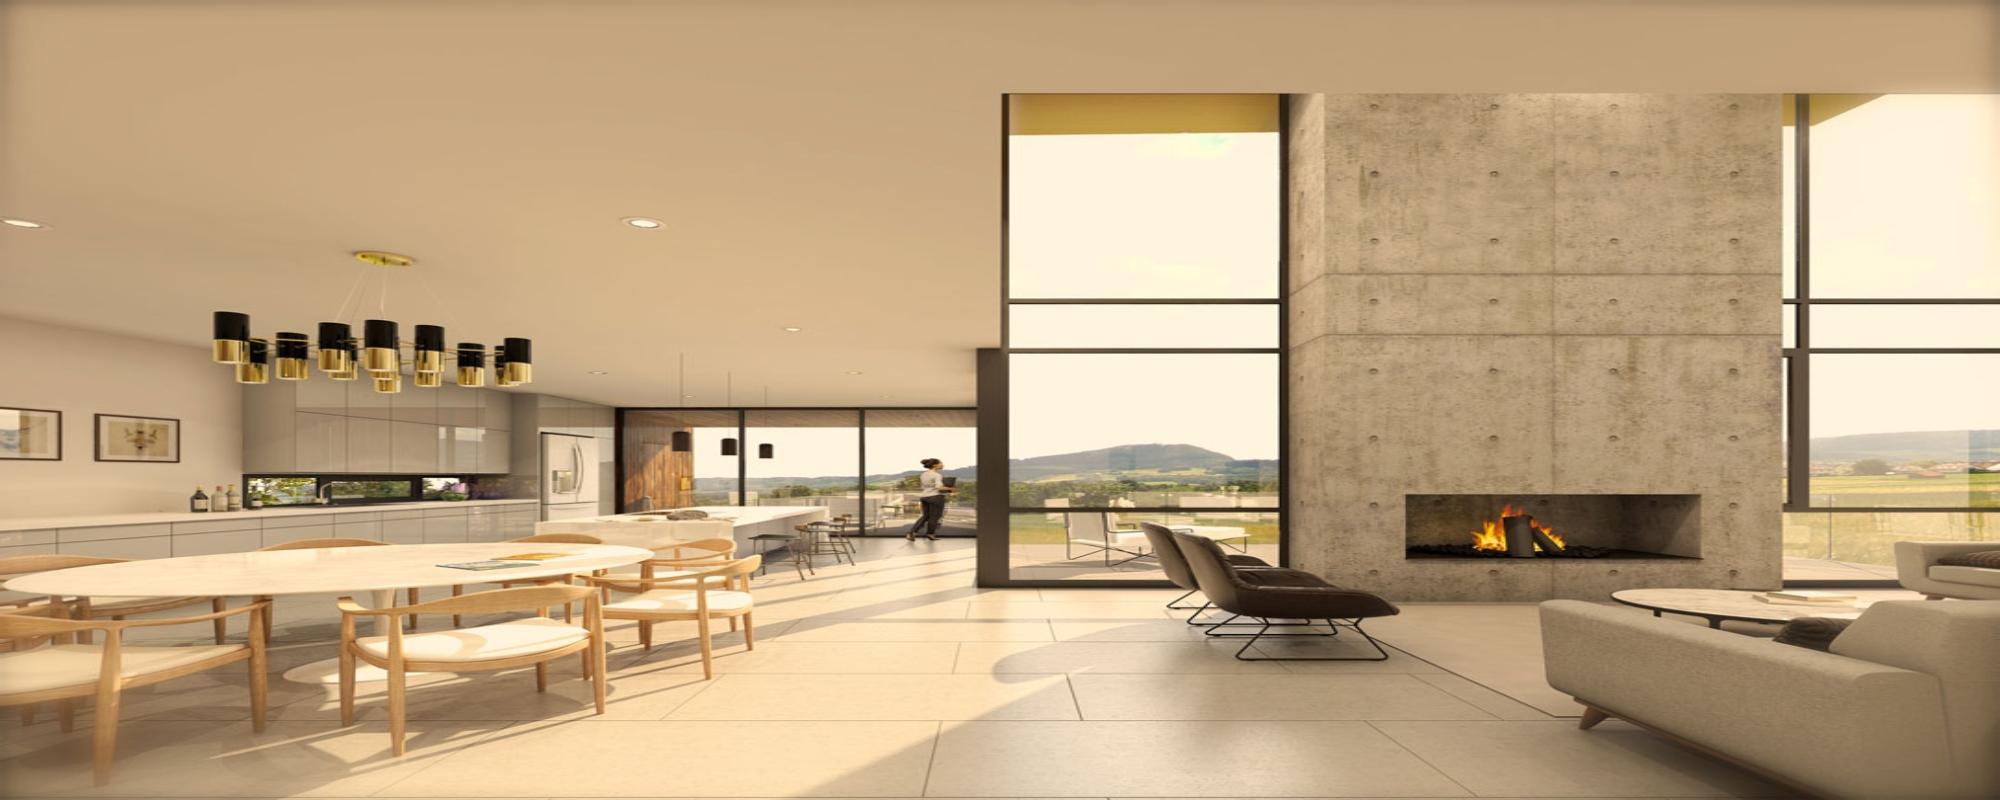 Diseño de Interior: Gracia Estudio un estudio poderoso en México diseño de interior Diseño de Interior: Gracia Estudio un estudio poderoso en México Featured 8